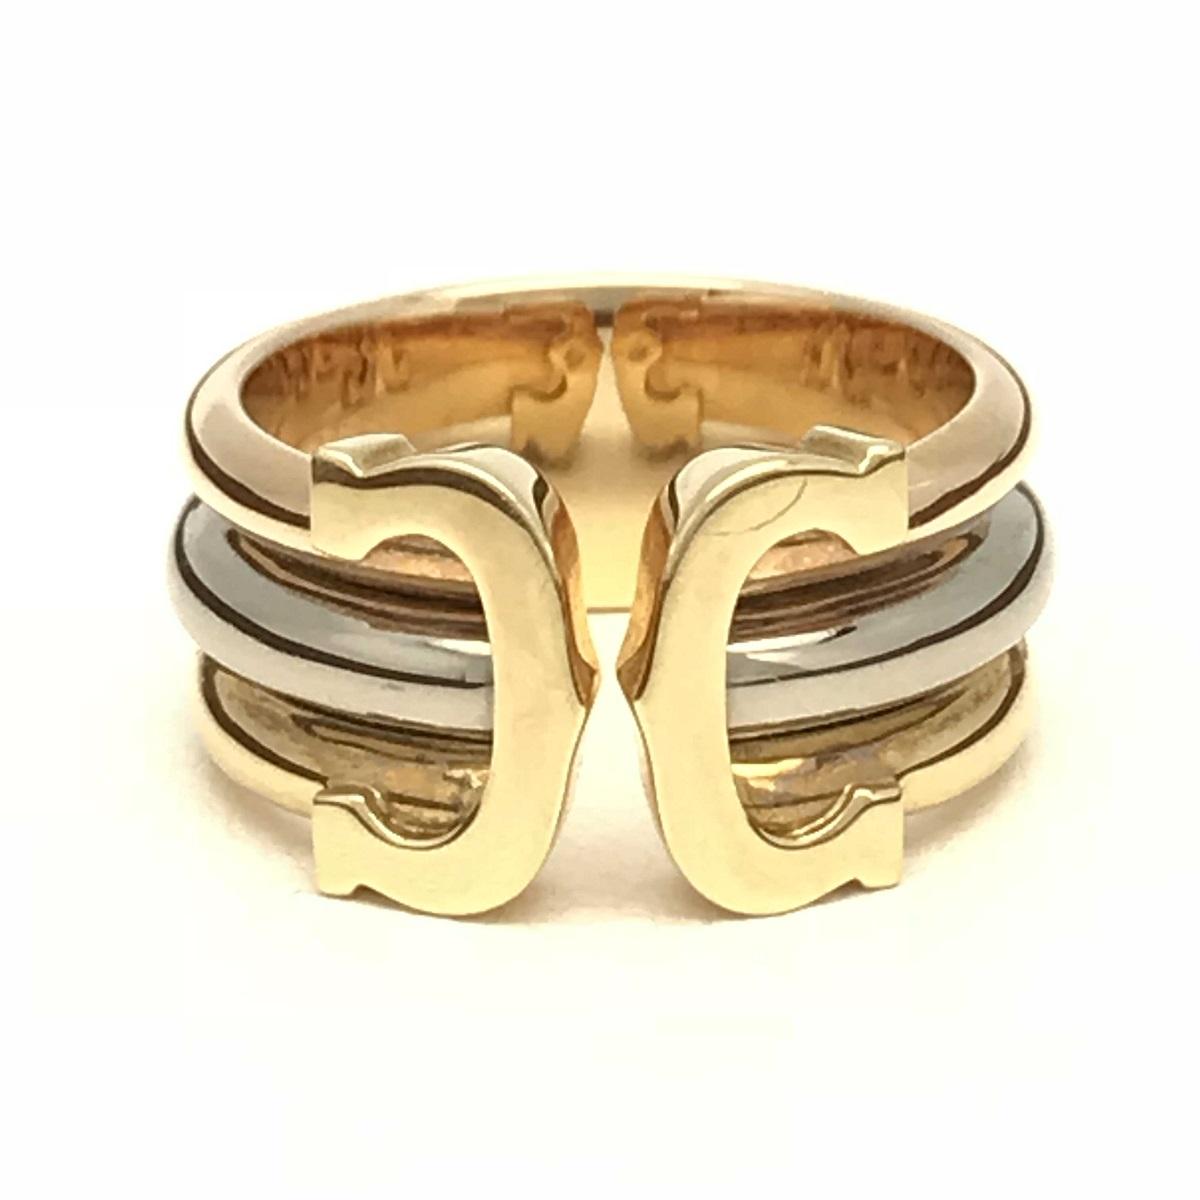 Cartier カルティエ 2Cリング 指輪 #48 750スリーカラー 【トレジャースポット】【中古】